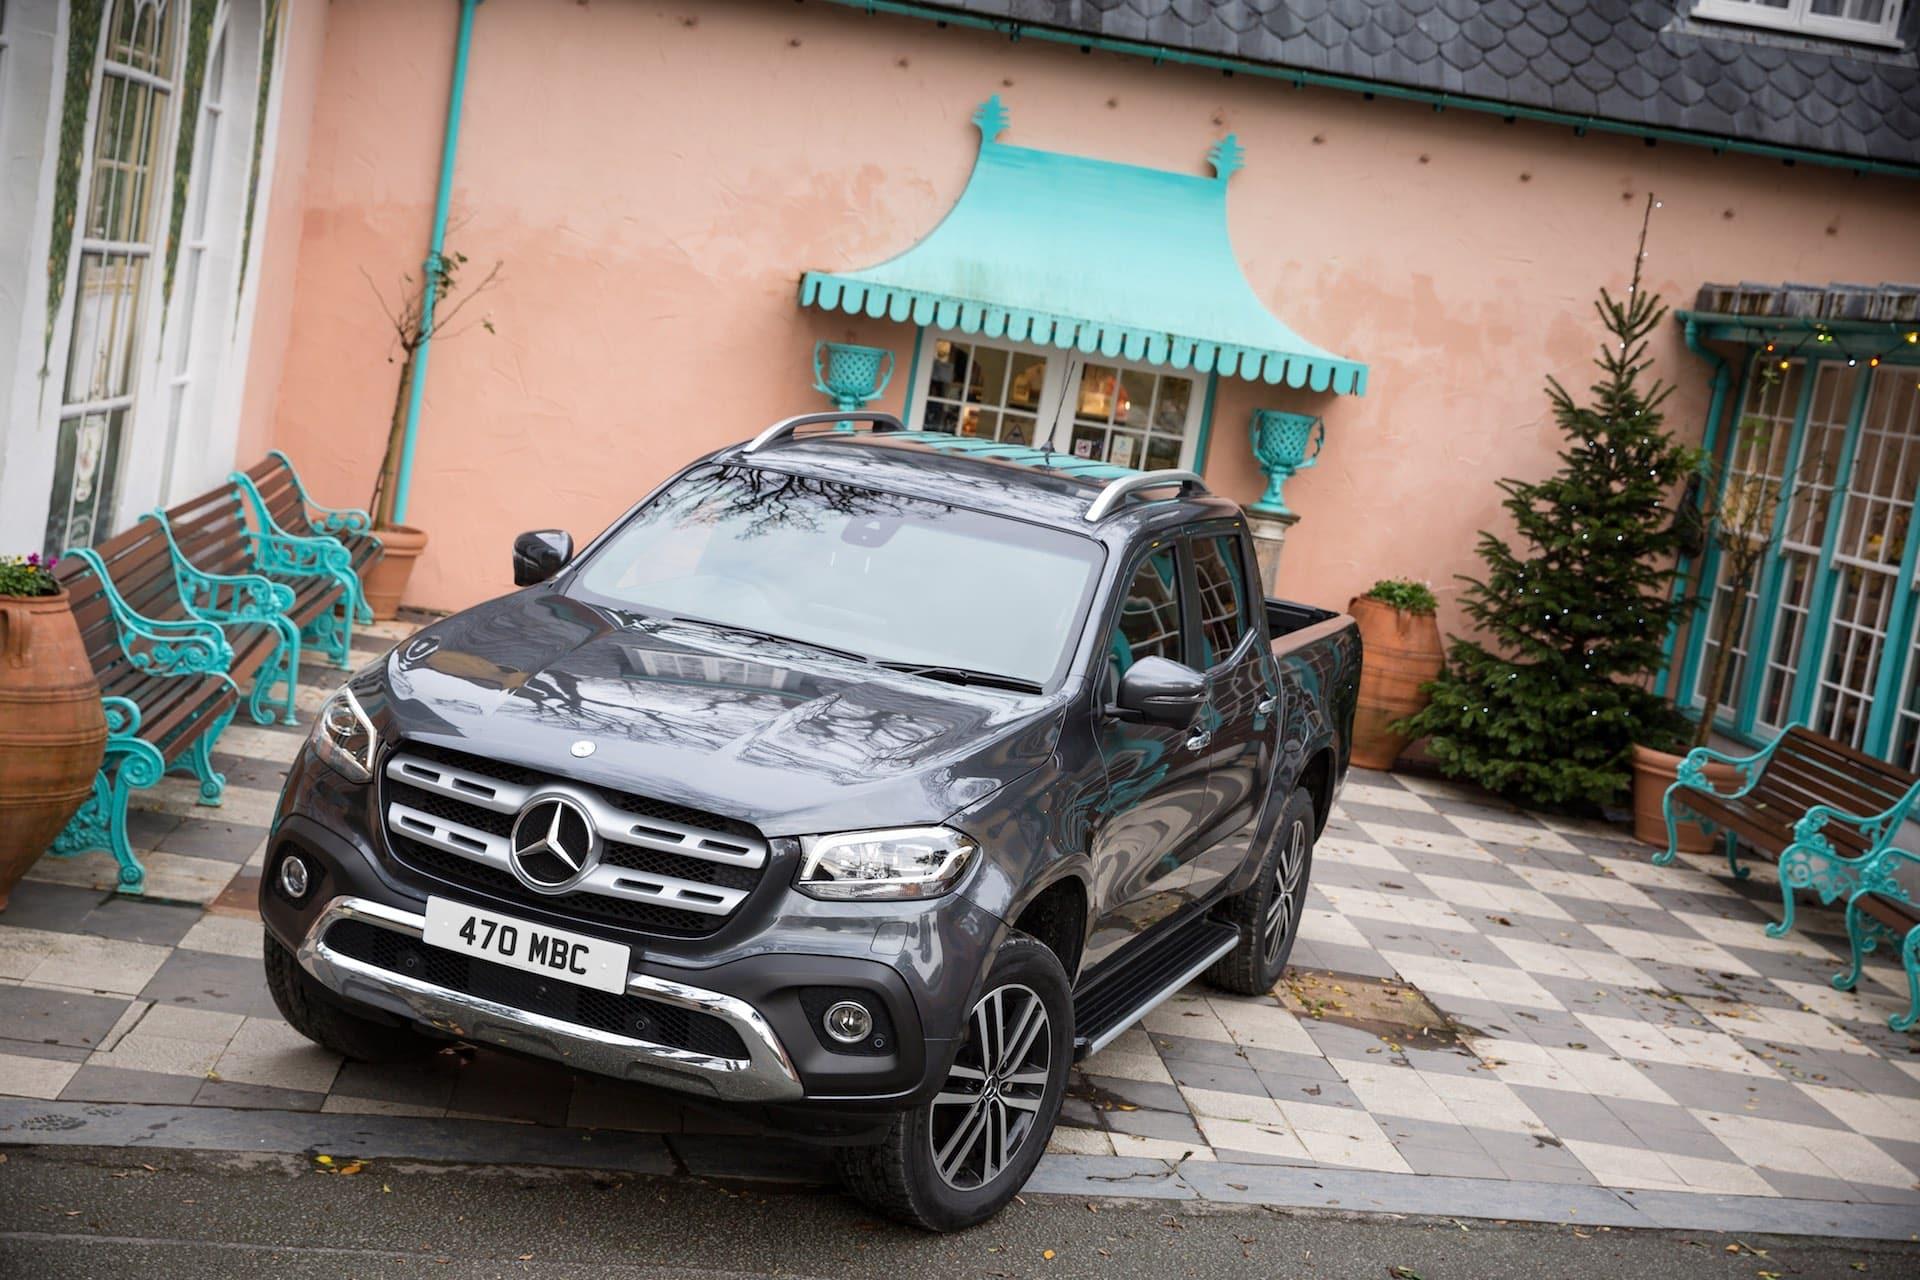 Mercedes-Benz X-Class ute review (The Car Expert)